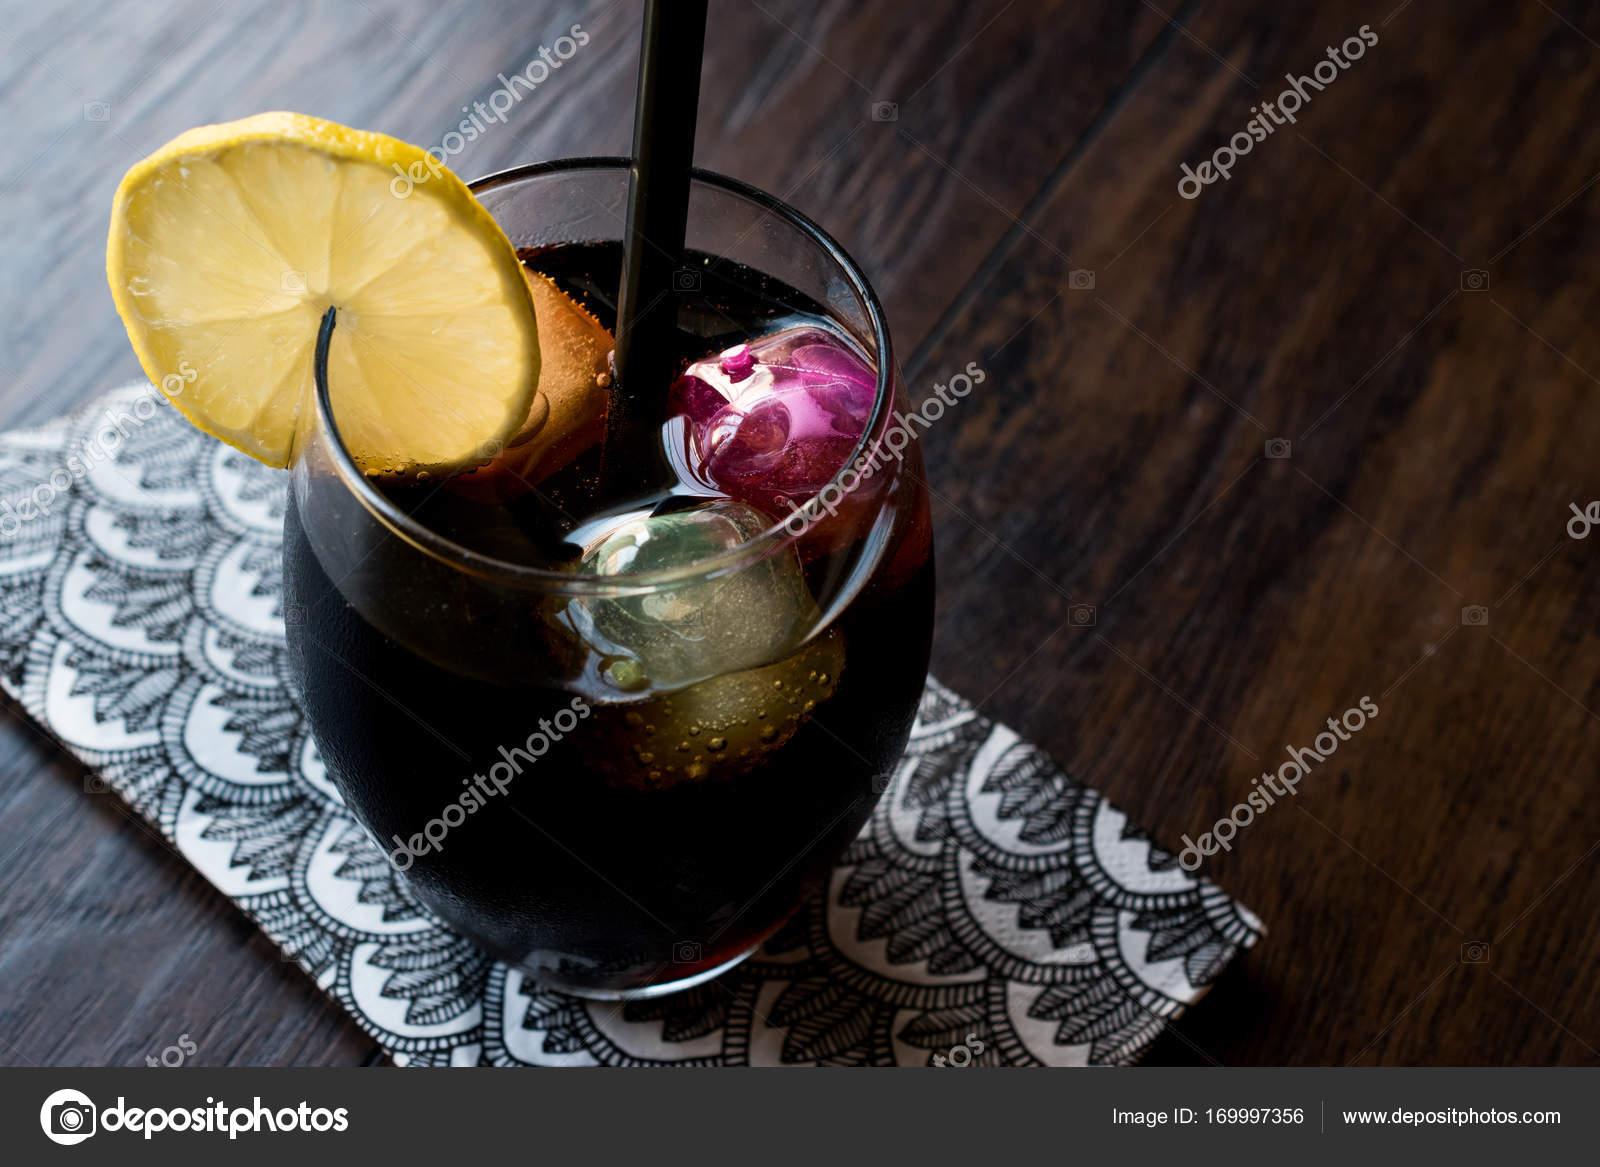 Kömürden yapılan siyah limonata